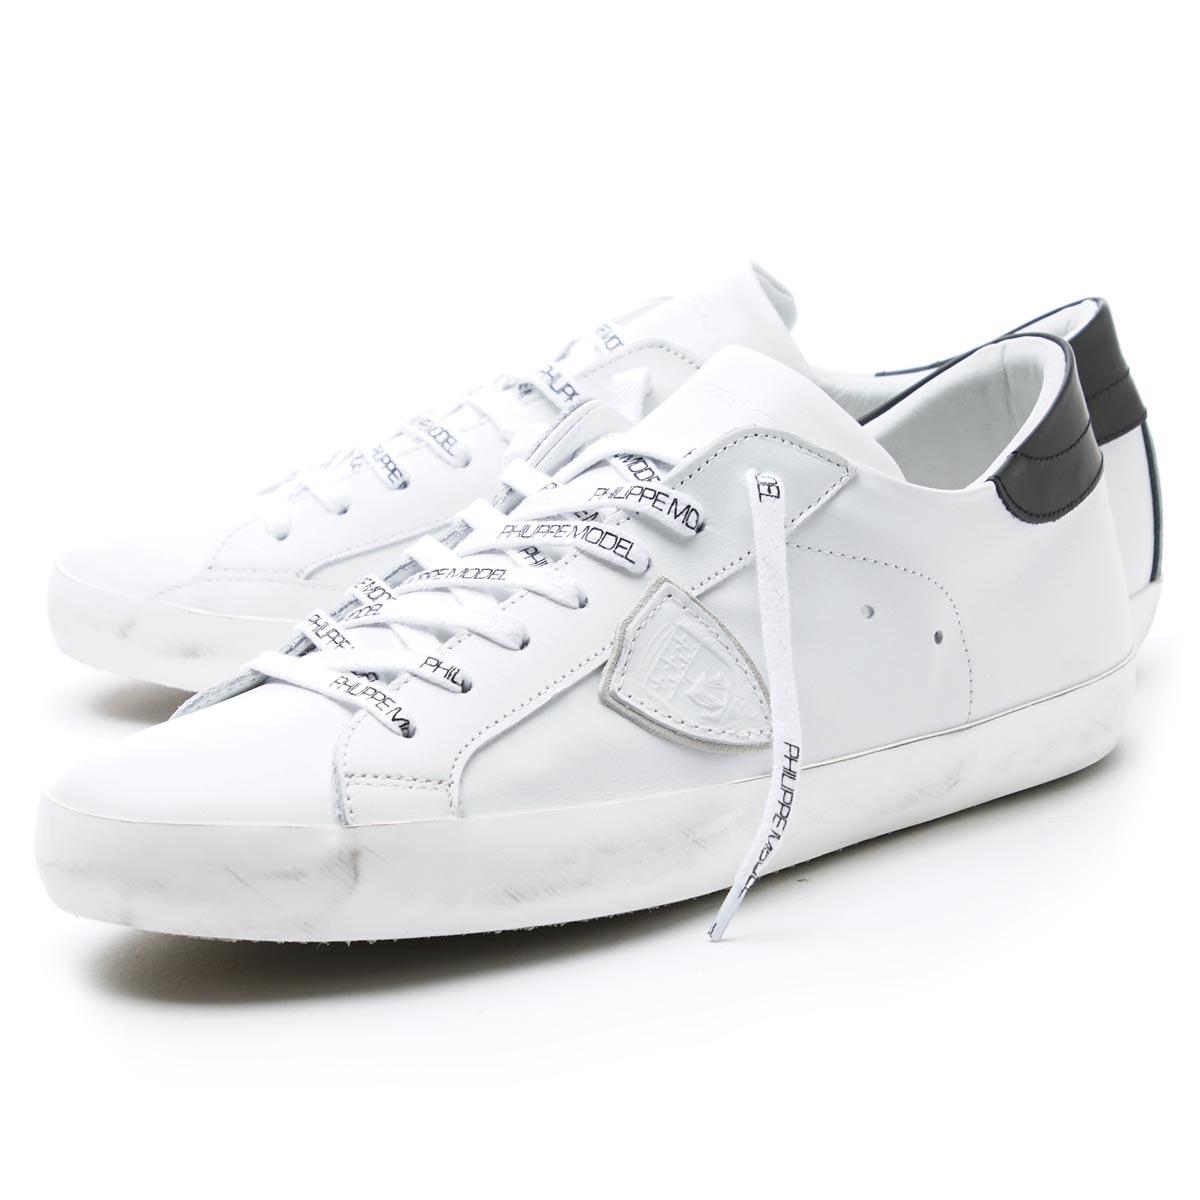 Modèle Philippe Chaussures Paris Zfcb5bbq